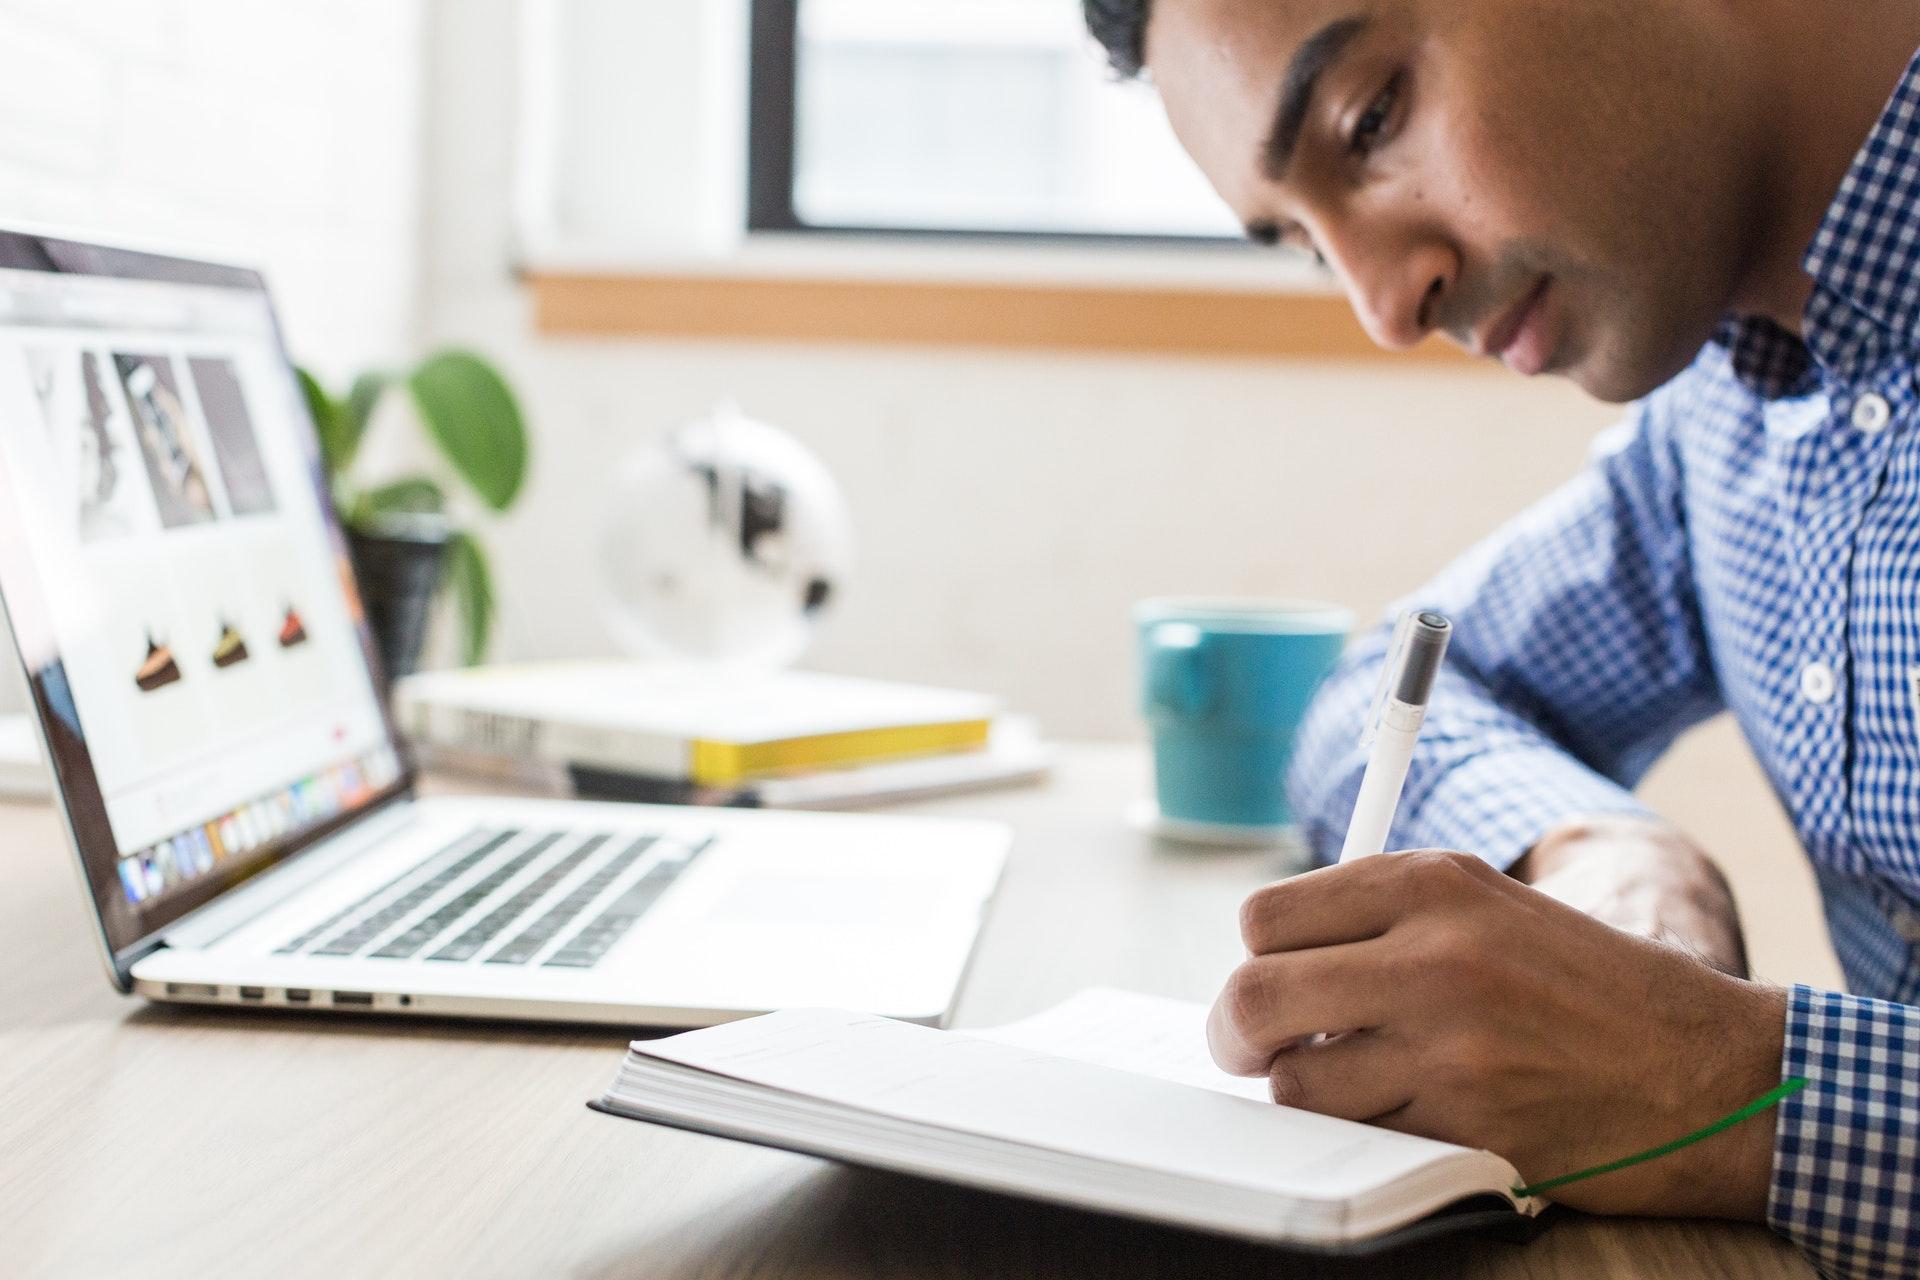 Apprendistato: contratto di lavoro e formazione